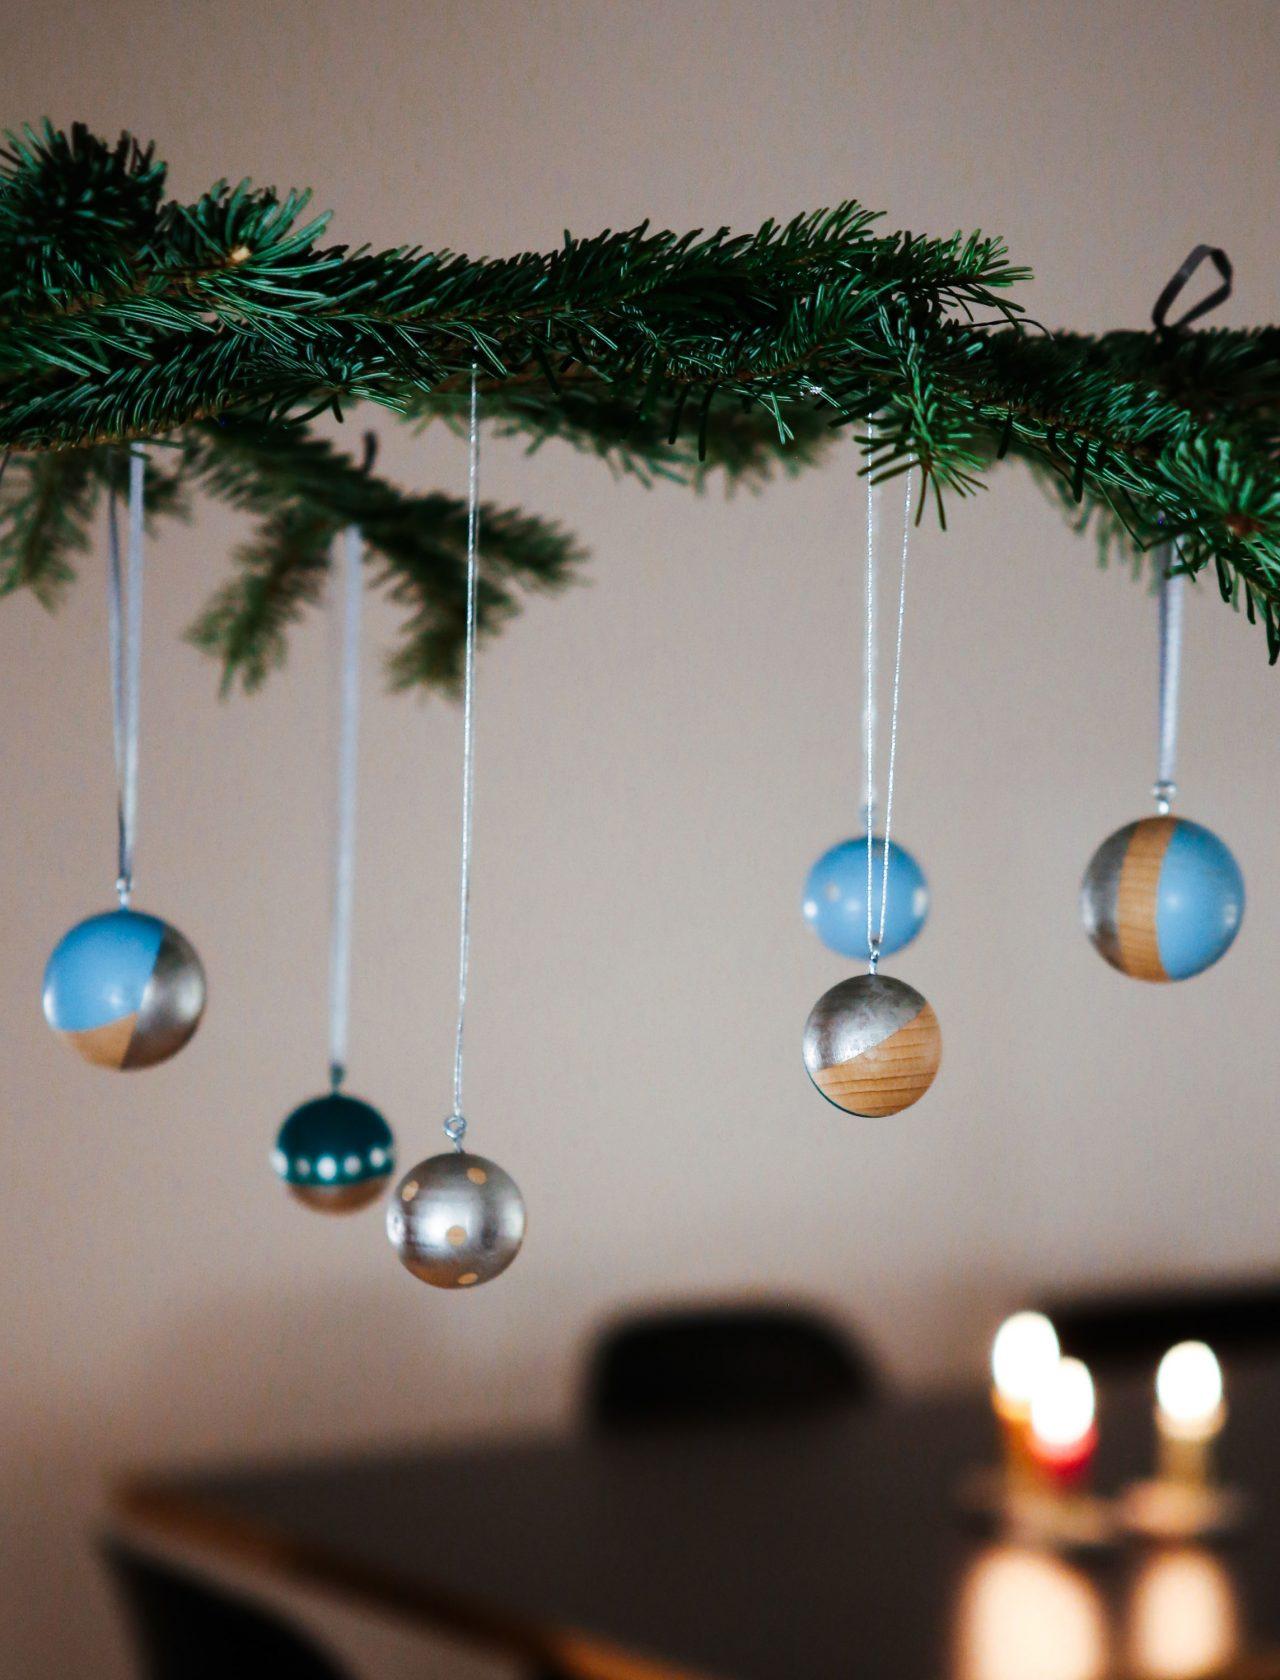 Bunte Weihnachtskugeln hängen an einem Tannenzweig